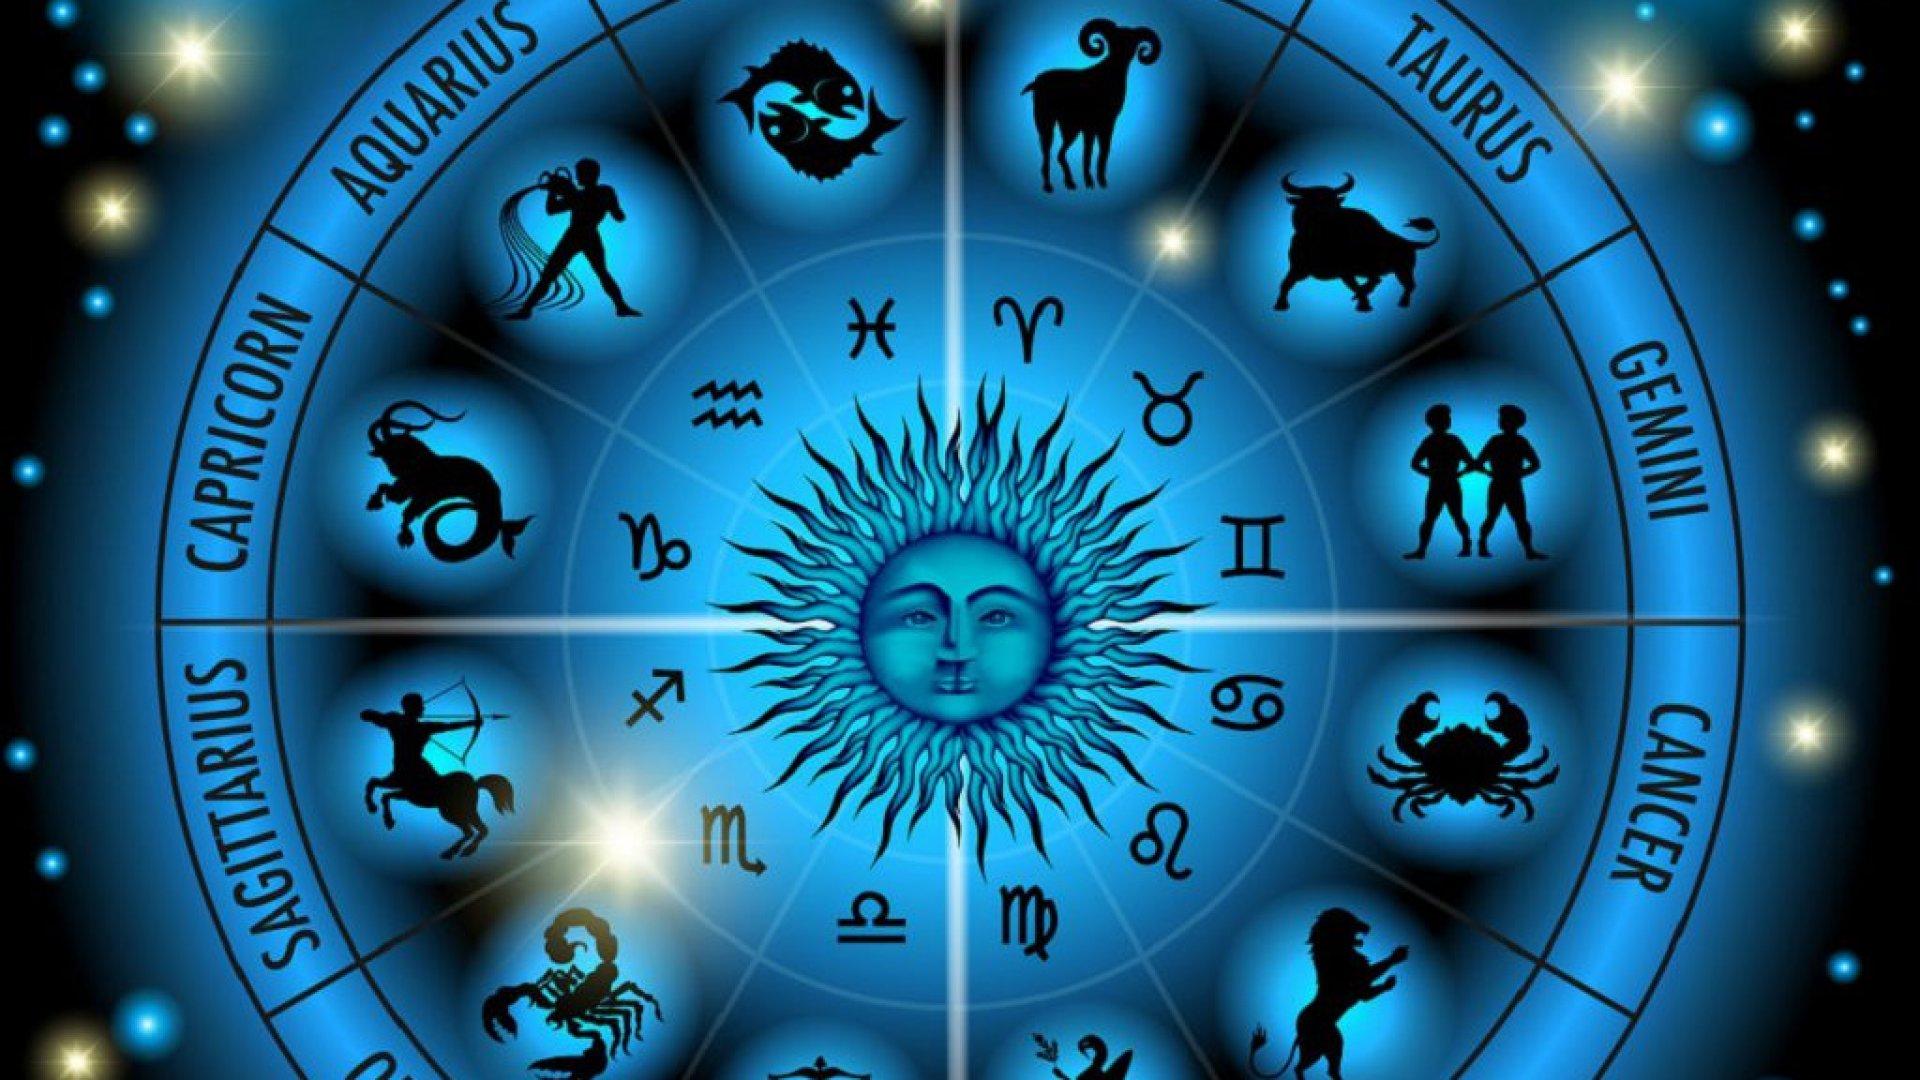 Aquarius October 12222 Horoscope: Love, Money & Career